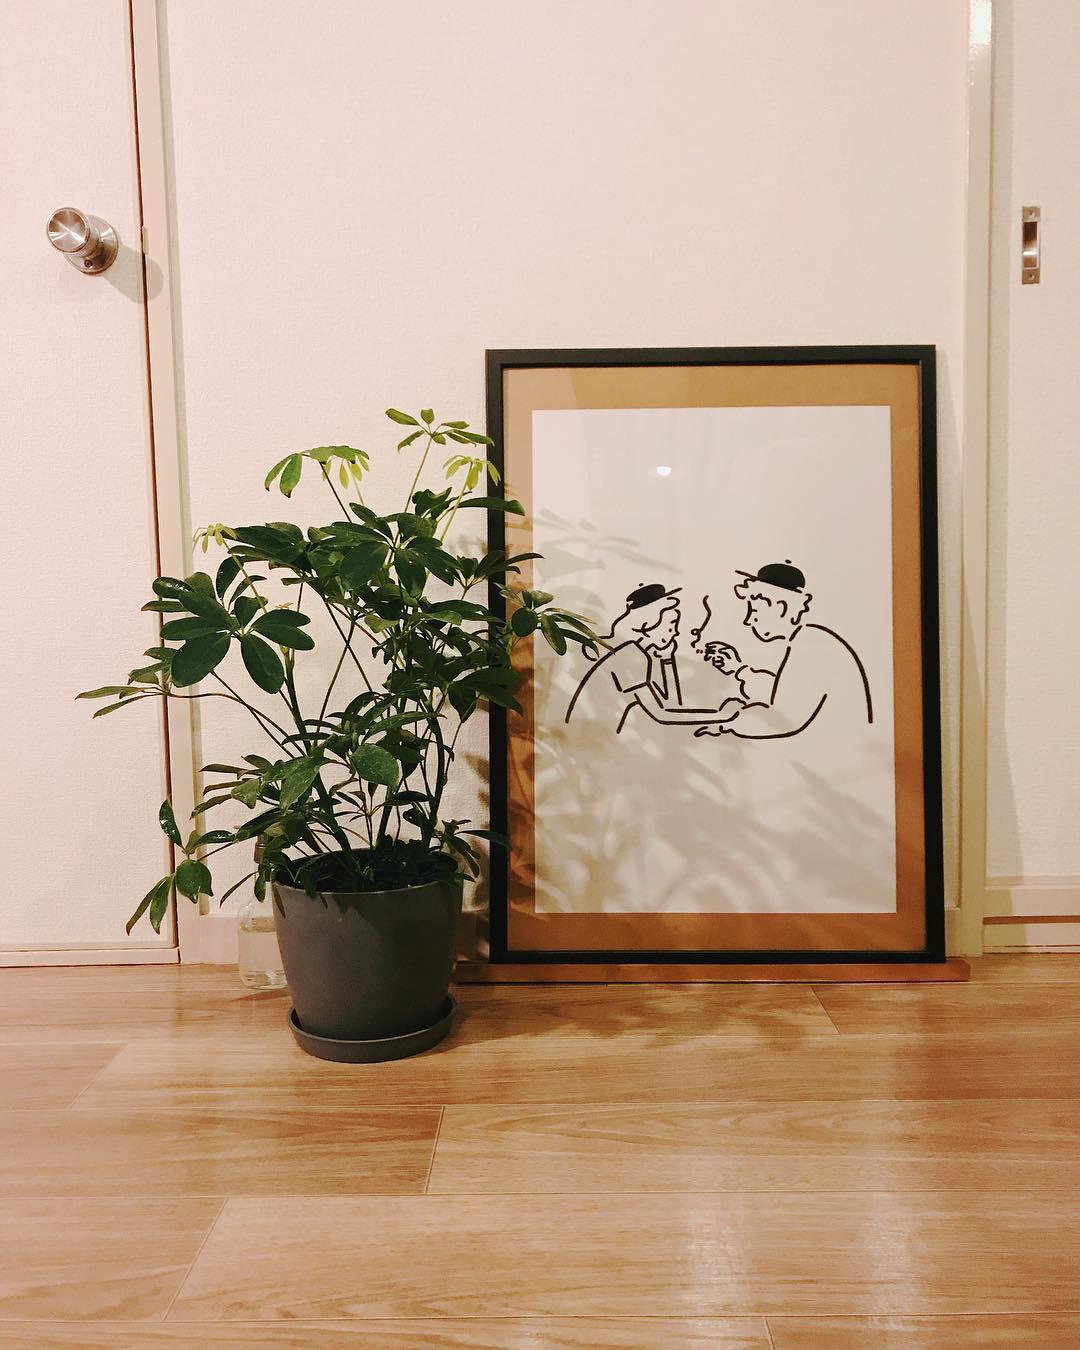 廊下には、お二人の雰囲気によくマッチするアートと、グリーン。